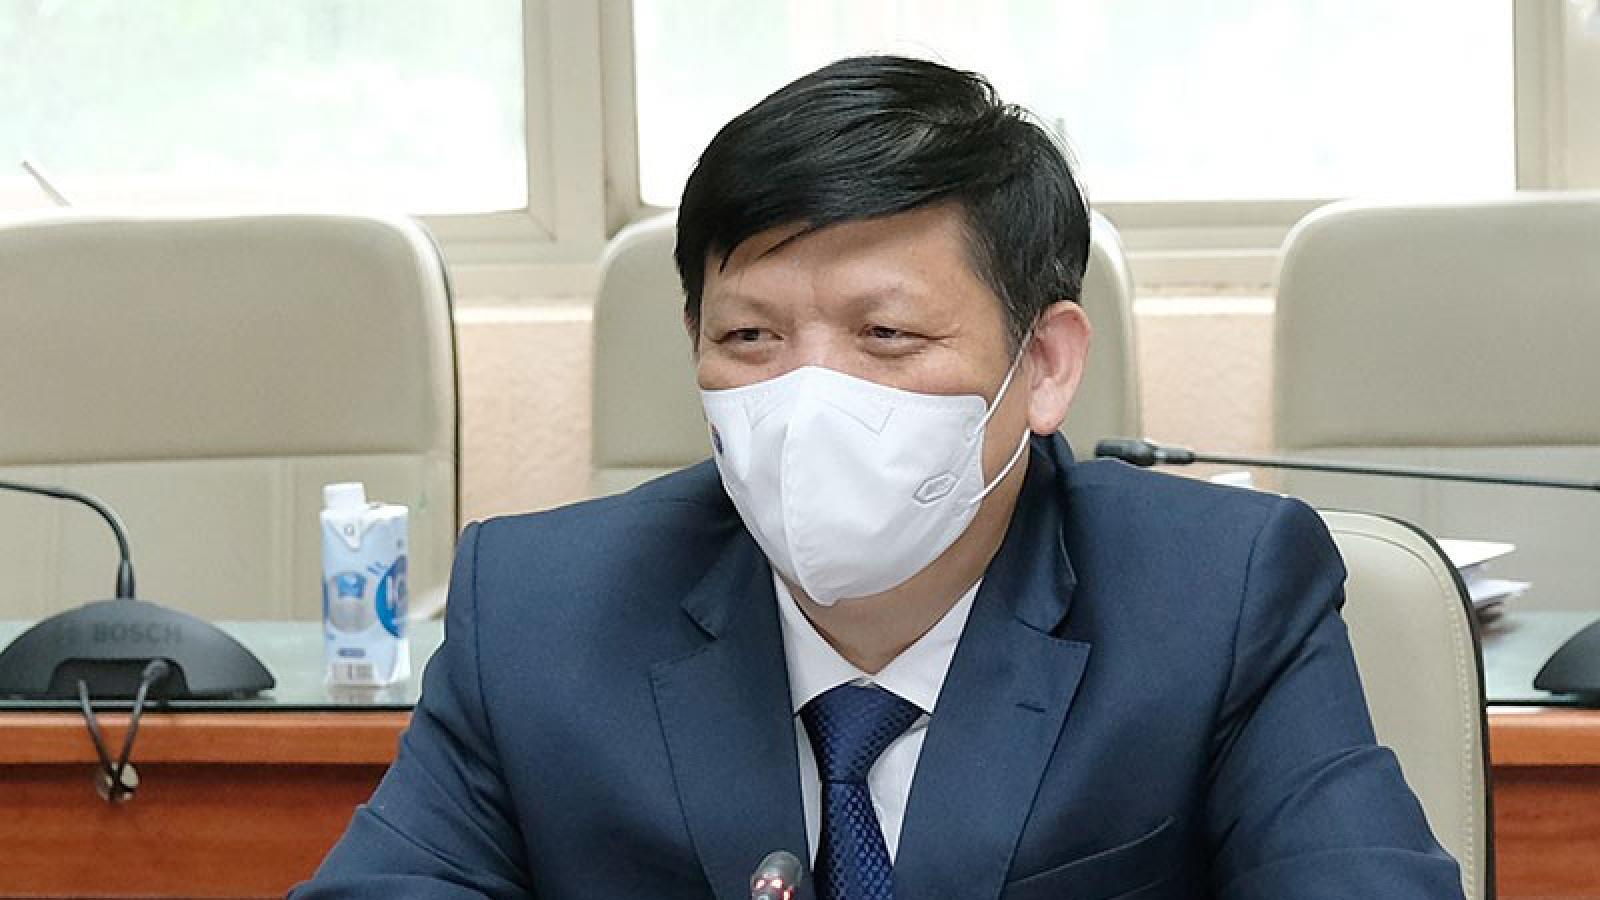 Việt Nam đề nghị Hàn Quốc hỗ trợ tiếp cận các nguồn vaccine COVID-19